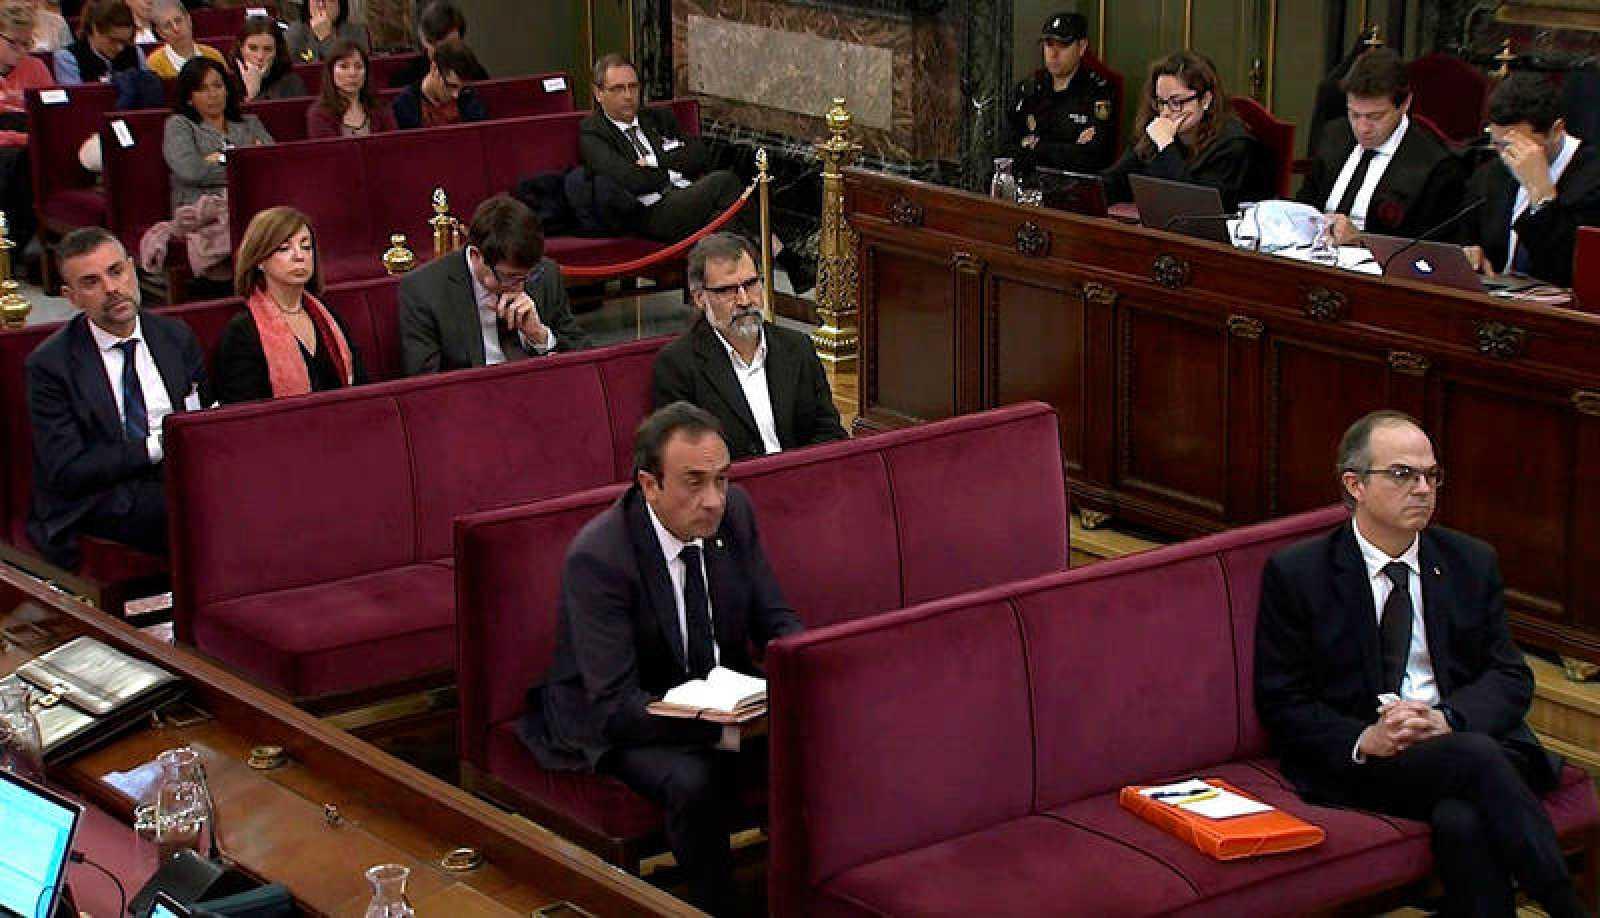 El exconseller de Presidencia, JordiTurull, el exconseller de Territorio Josep Rull y el expresidente de la Asamblea Nacional Catalana (ANC), Jordi Sànchez, durante la sesión del juicio del 'procés'en el Tribunal Supremo de Madrid.